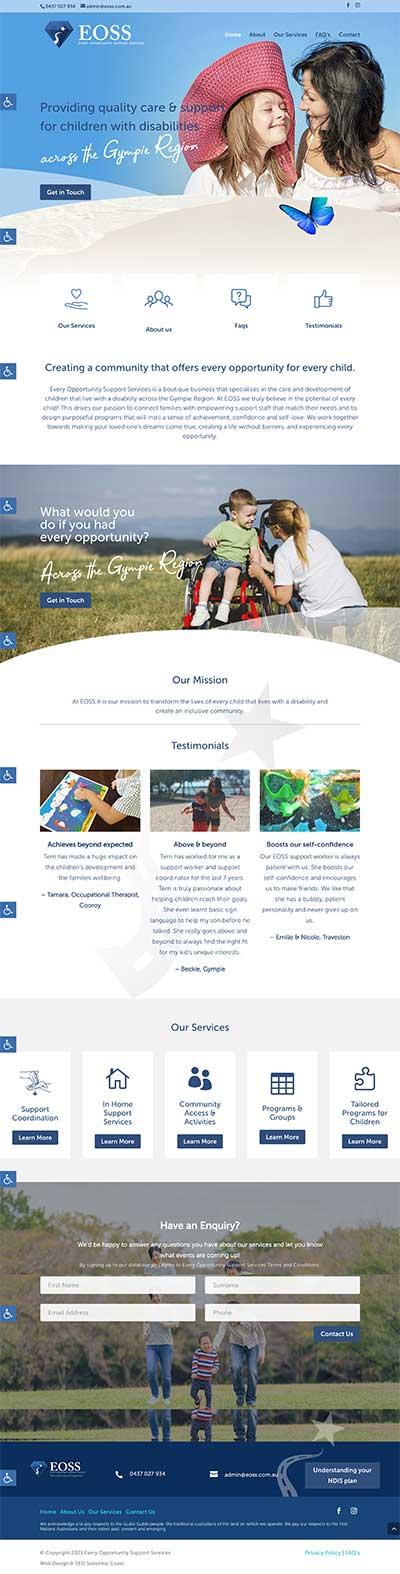 NDIS-websites-ndis-support-web-design Brisbane, Sydney, Melbourne Sunshine Coast